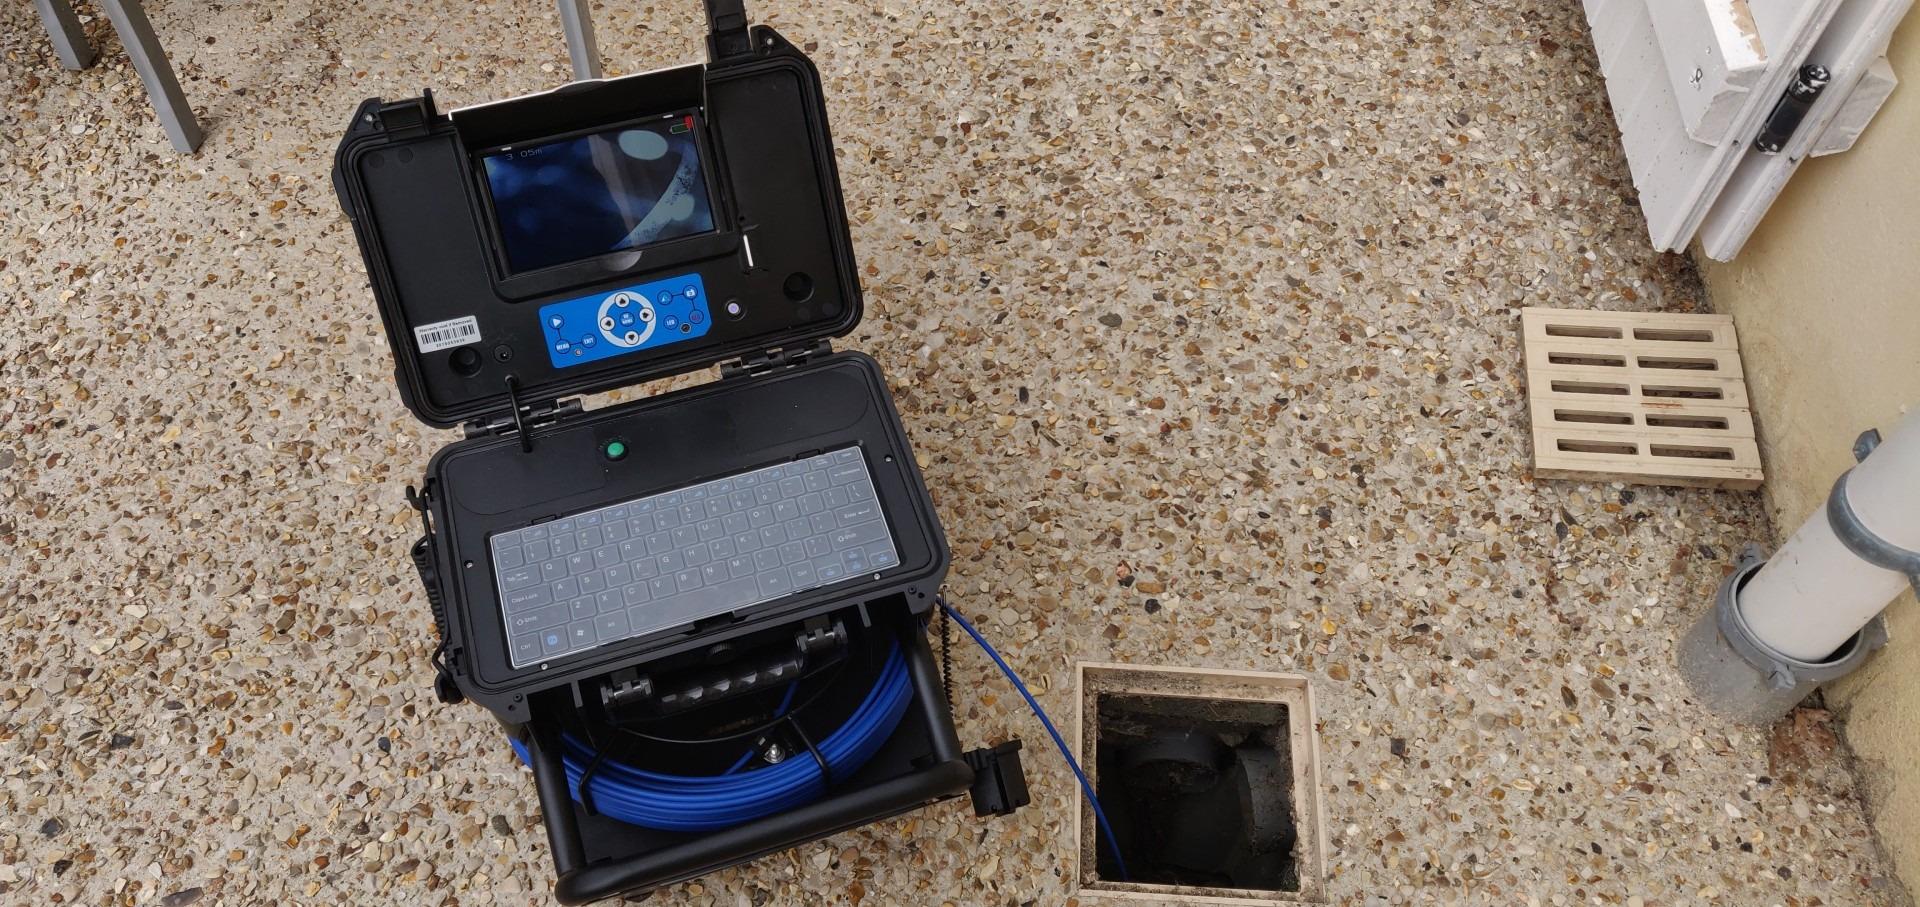 Notre caméra est dotée d'une tête haute définition avec tête émettrice 512 Hz à 360°. Son compteur métrique nous permet de localiser précisément le défaut ou le dysfonctionnement. Nos rapports sont complétés par des prises de photos et vidéos.